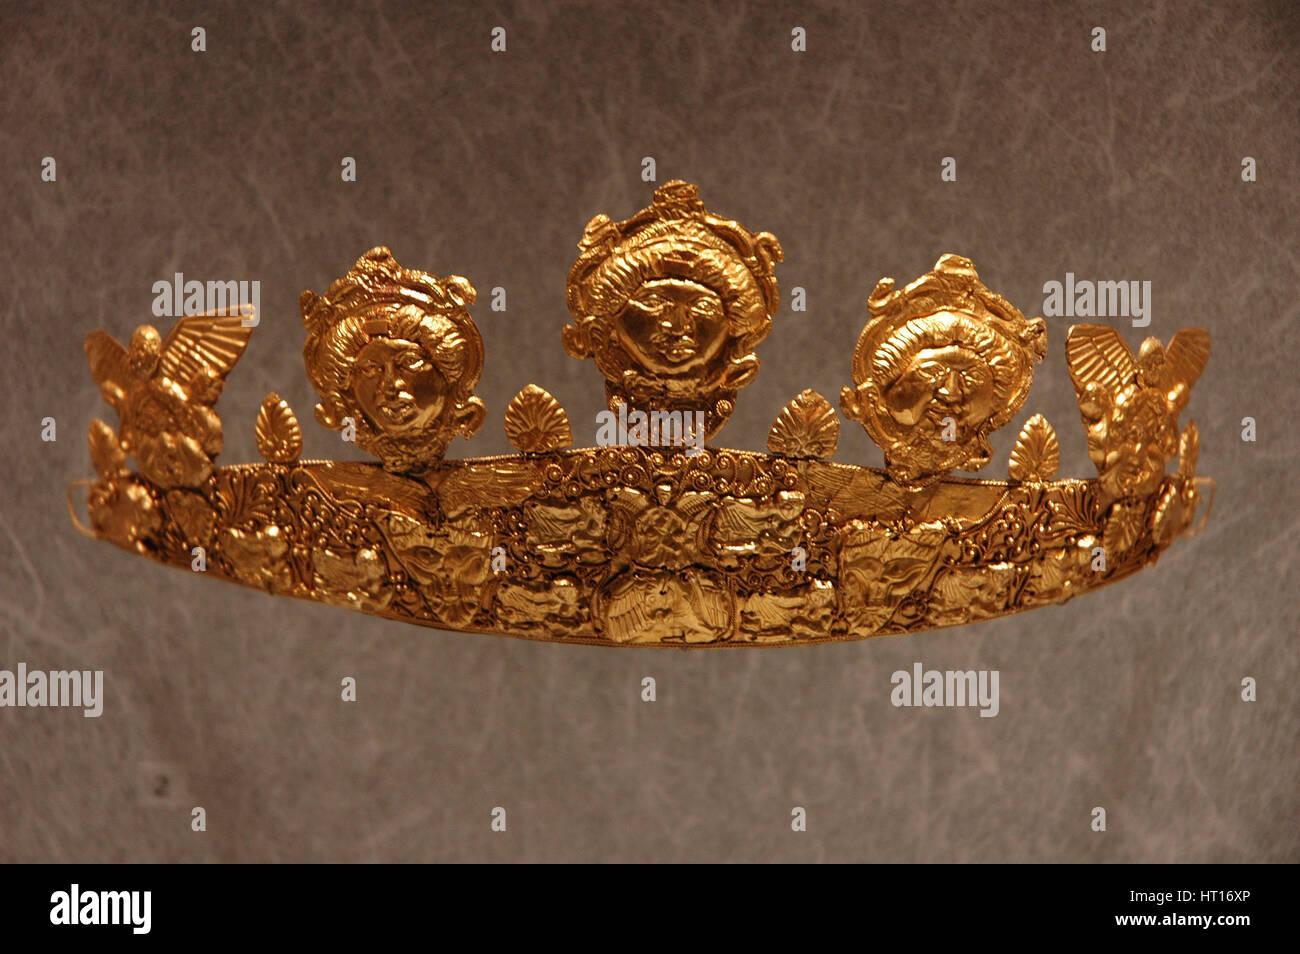 Corona d'oro. Cultura: Romano. Luogo di Origine: Roma linea di credito: Werner Forman Archive, N.J. Saunde Artista: Immagini Stock